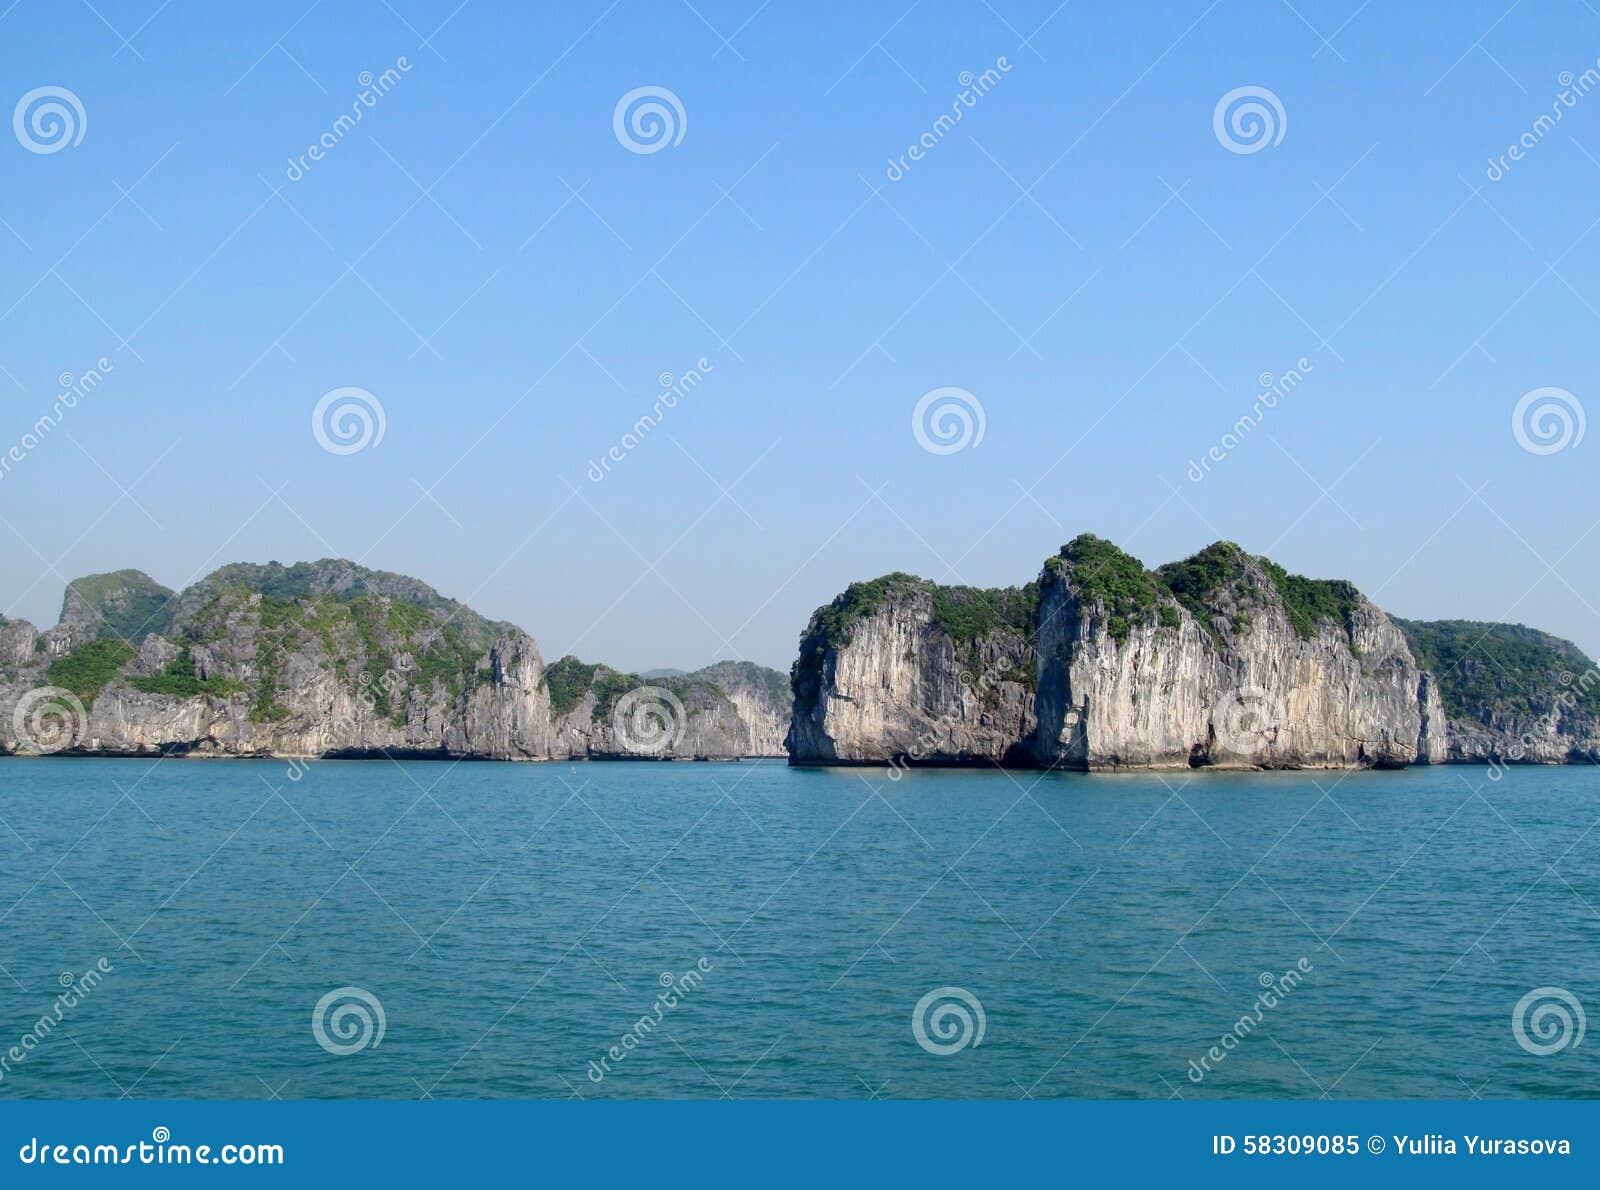 Isla de la piedra caliza en la bahía del mar